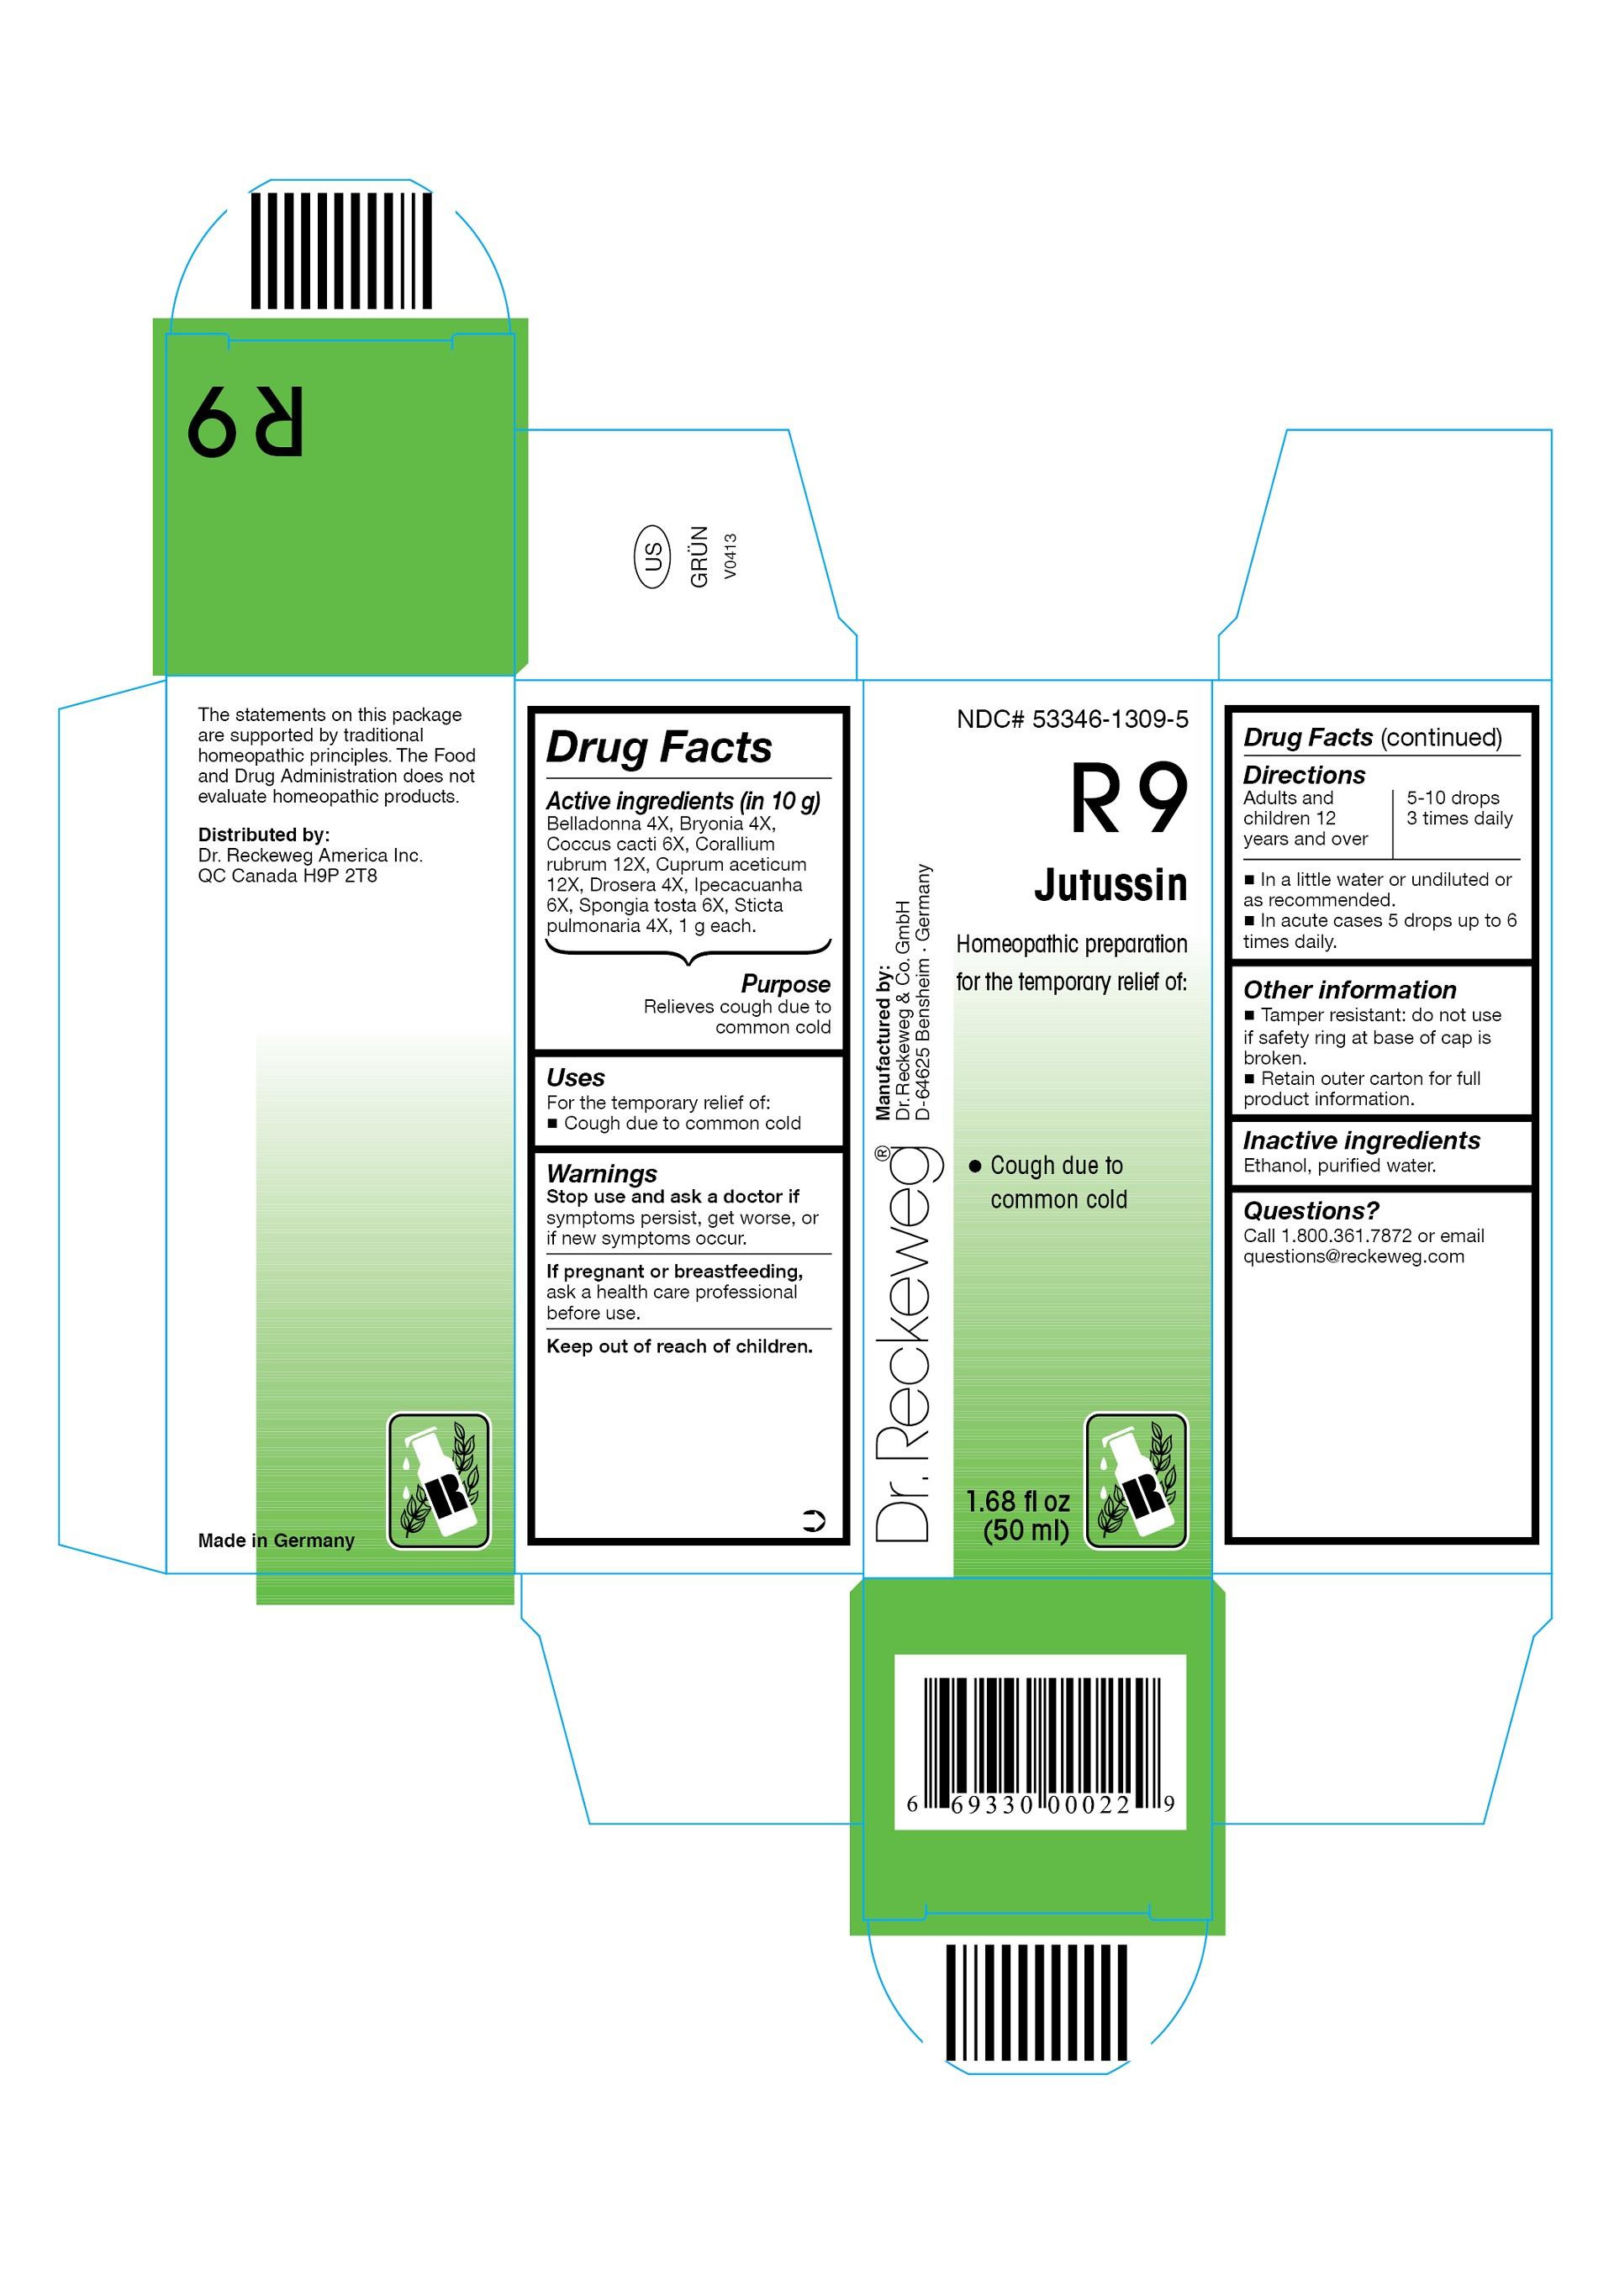 Dr. Reckeweg R9 Jutussin Combination Product (Belladonna 4x, Bryonia 4x, Coccus Cacti 6x, Corallium Rubrum 12x, Cuprum Aceticum 12x, Drosera 4x, Ipecacuanha 6x, Spongia Tosta 6x, Sticta Pulmonaria 4x) Liquid [Pharmazeutische Fabrik Dr. Reckeweg & Co]